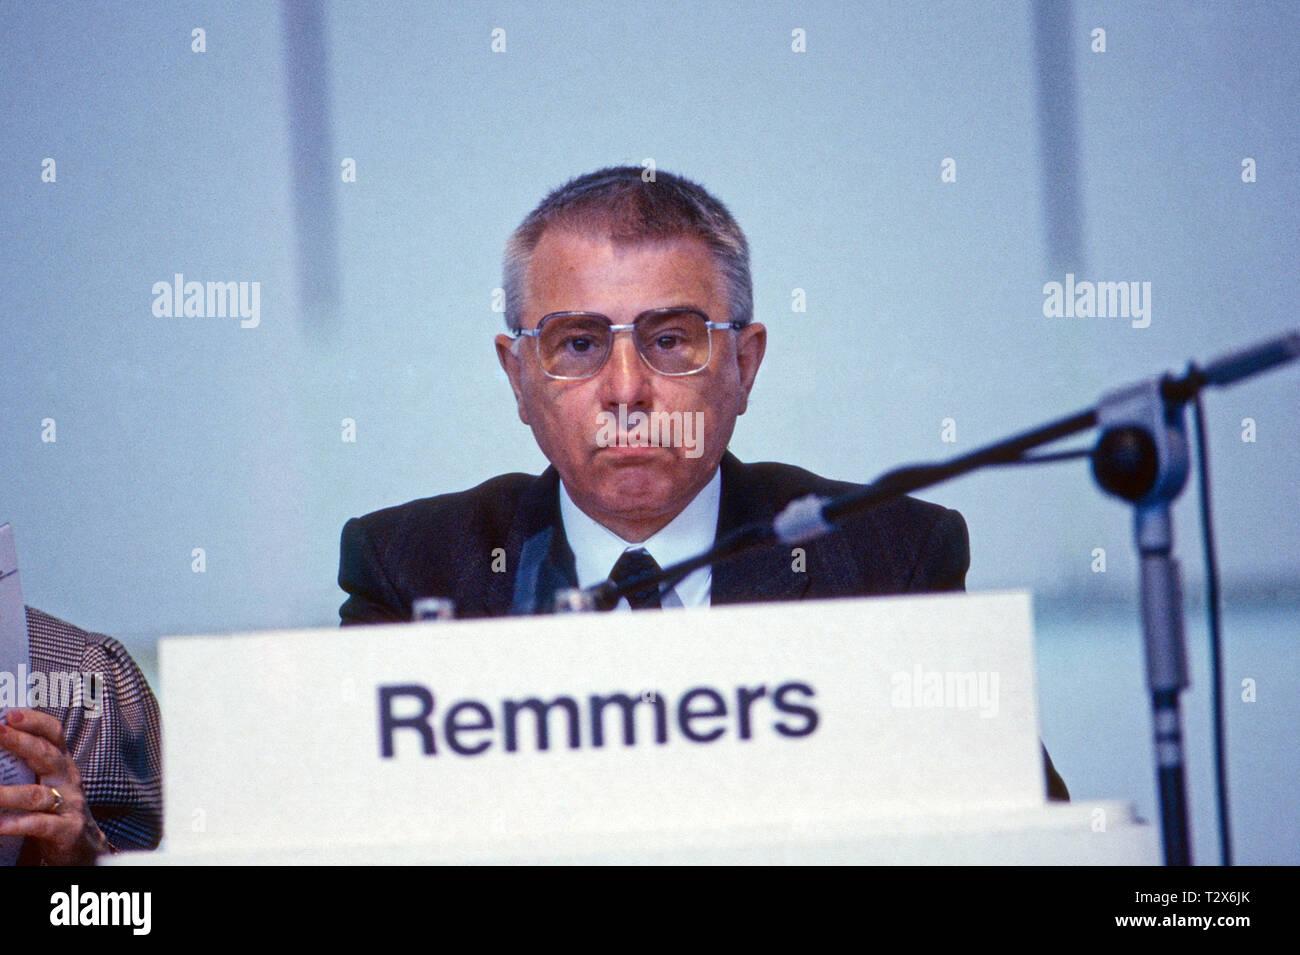 Werner Remmers, deutscher Volkswirt und Politiker, Deutschland 1990. German economist and politician Werner Remmers, Germany 1990. - Stock Image